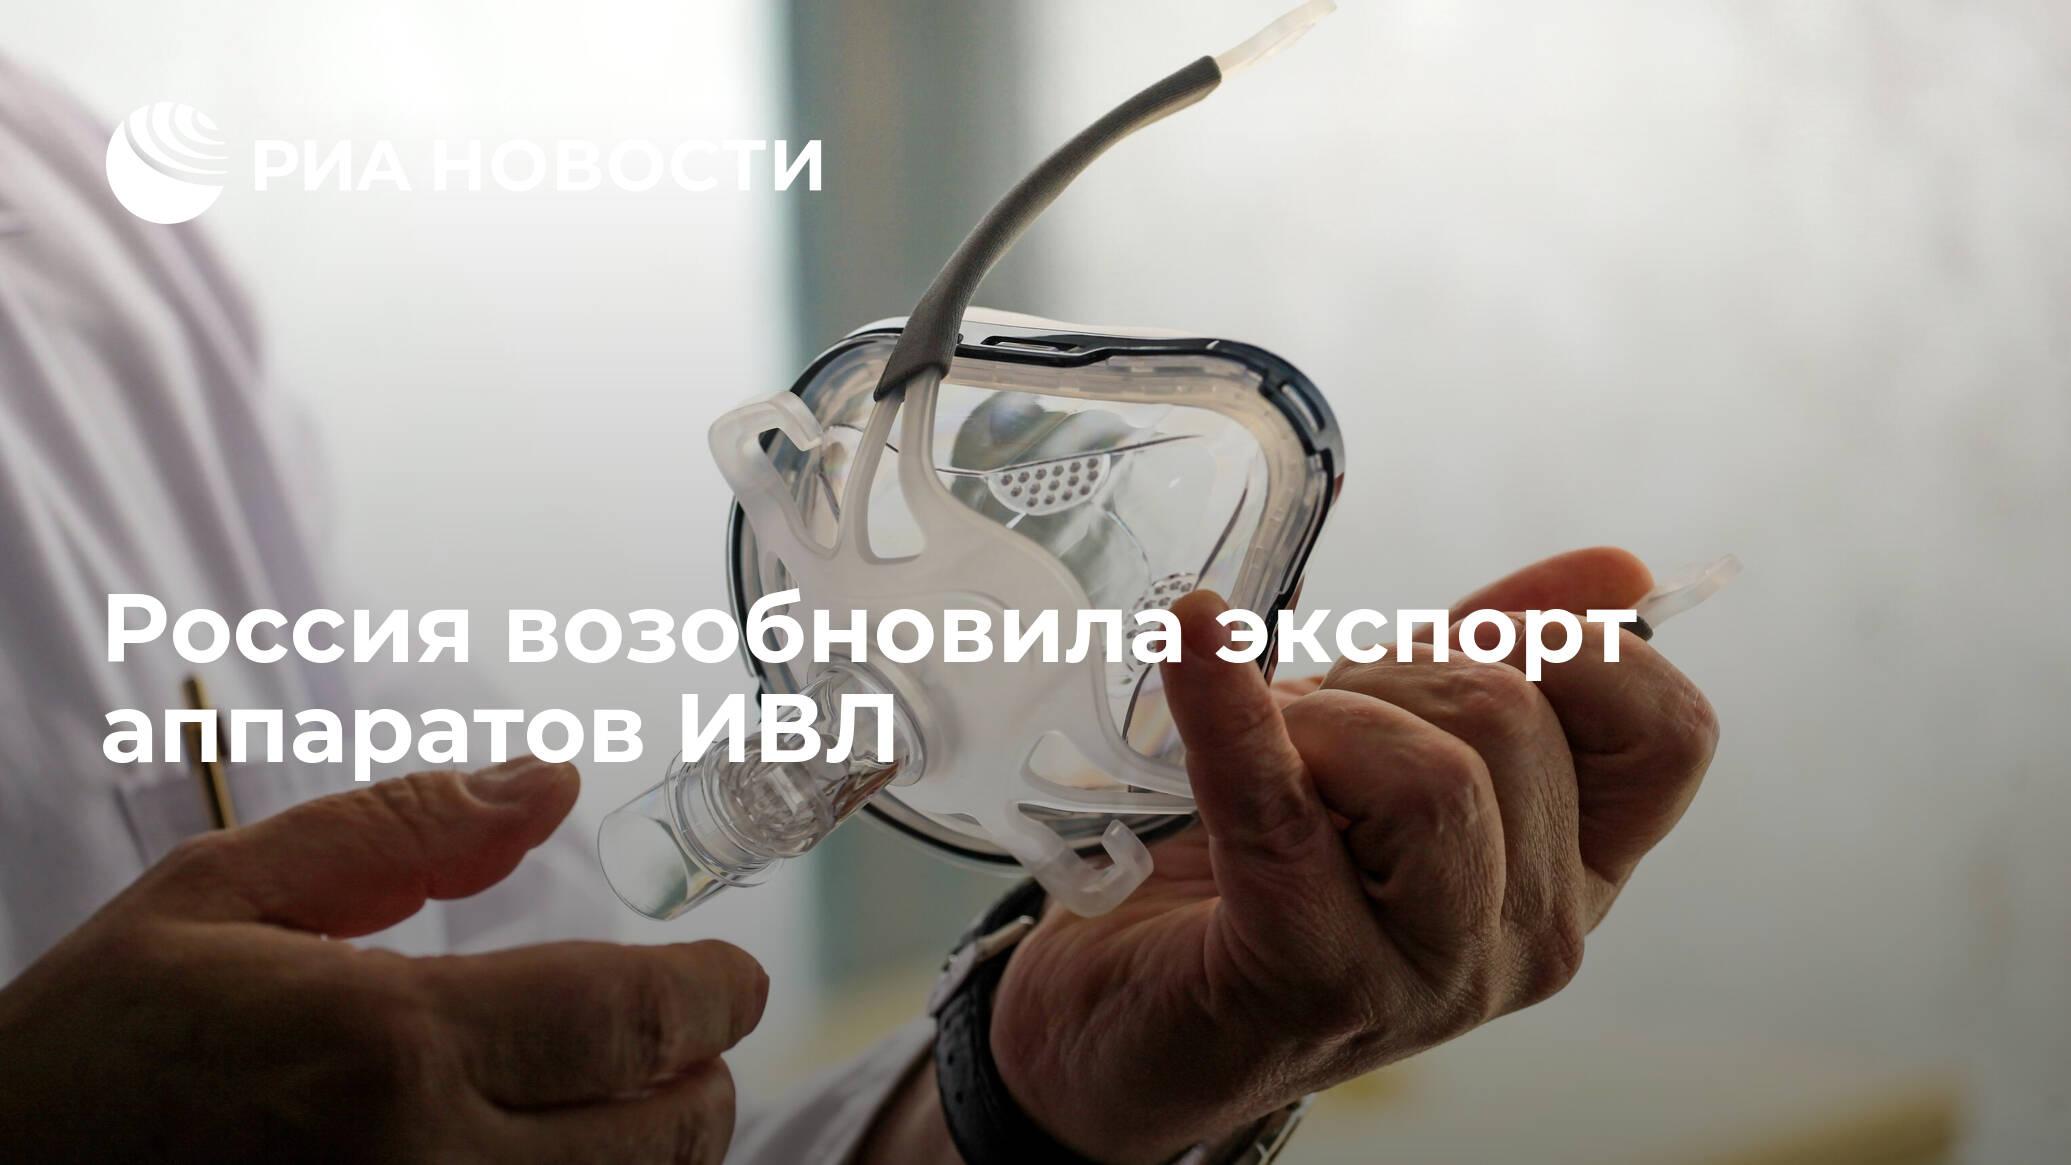 Россия возобновила экспорт аппаратов ИВЛ